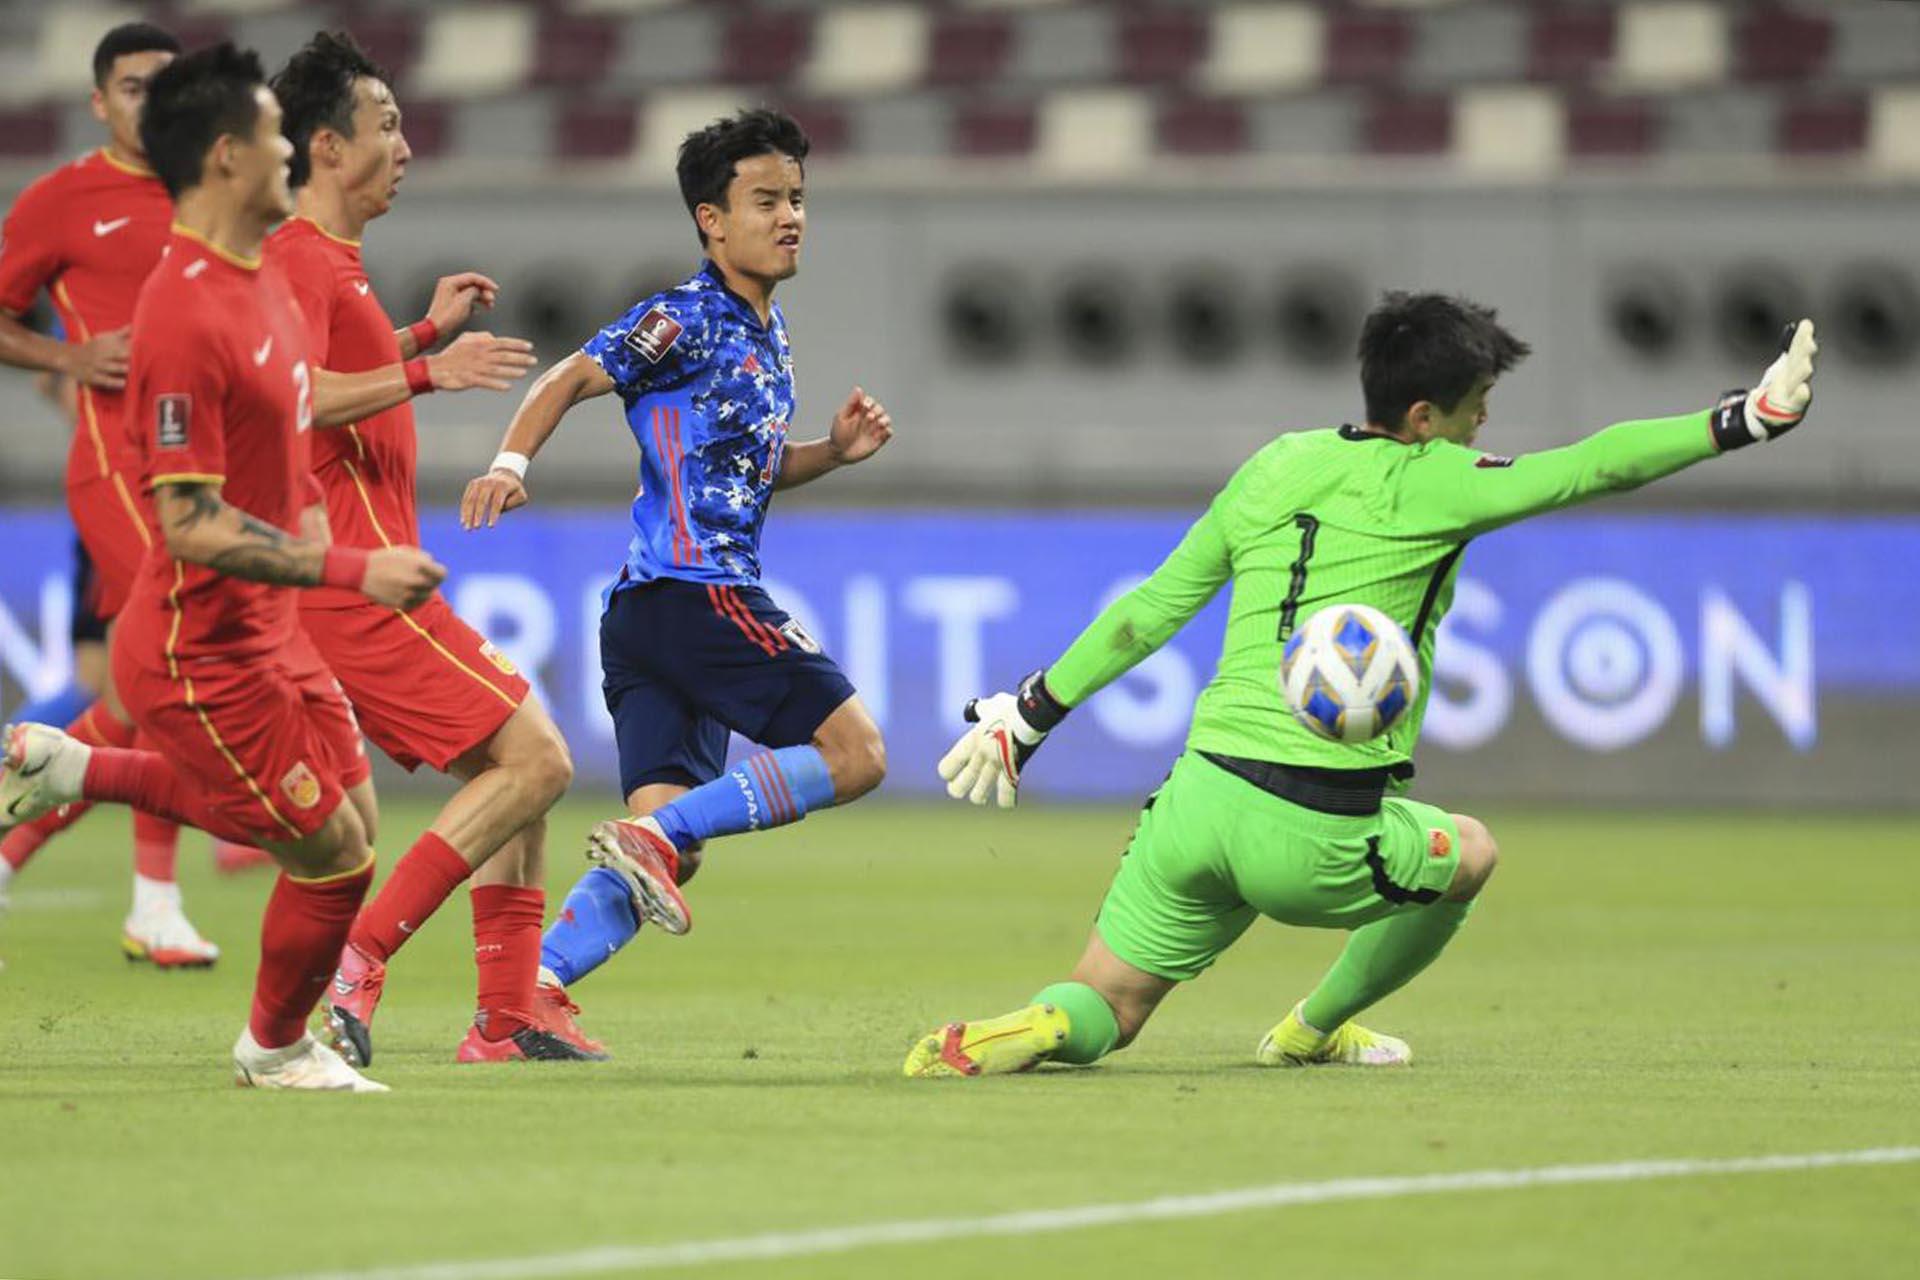 Đội tuyển Trung Quốc thua Nhật Bản, tiếp tục đứng cuối bảng B